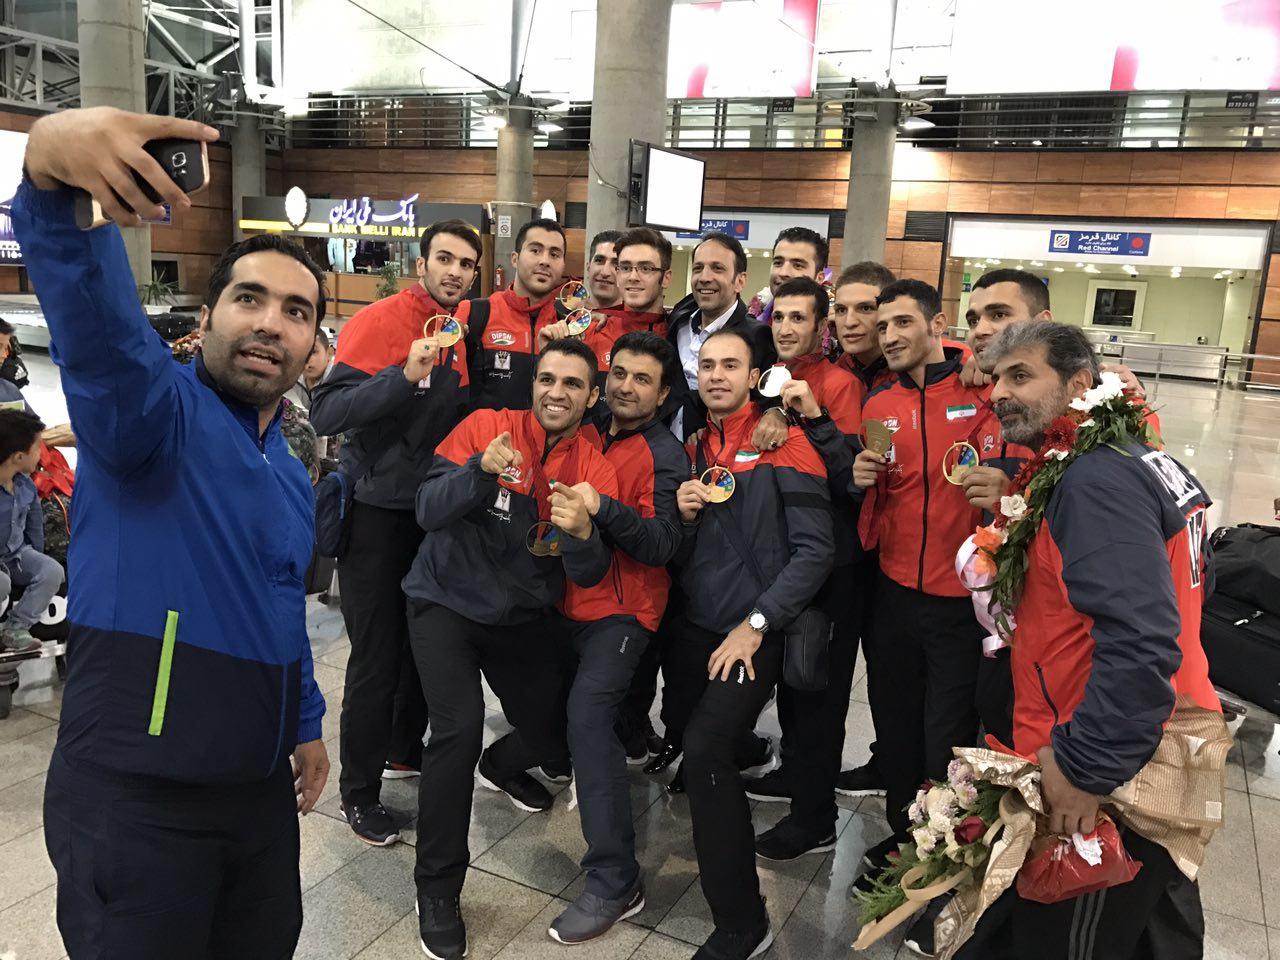 مسئولیت سنگین طلایی ترین تیم کاراته / چشم امید به افتخارآفرینی در سرزمین آفتاب